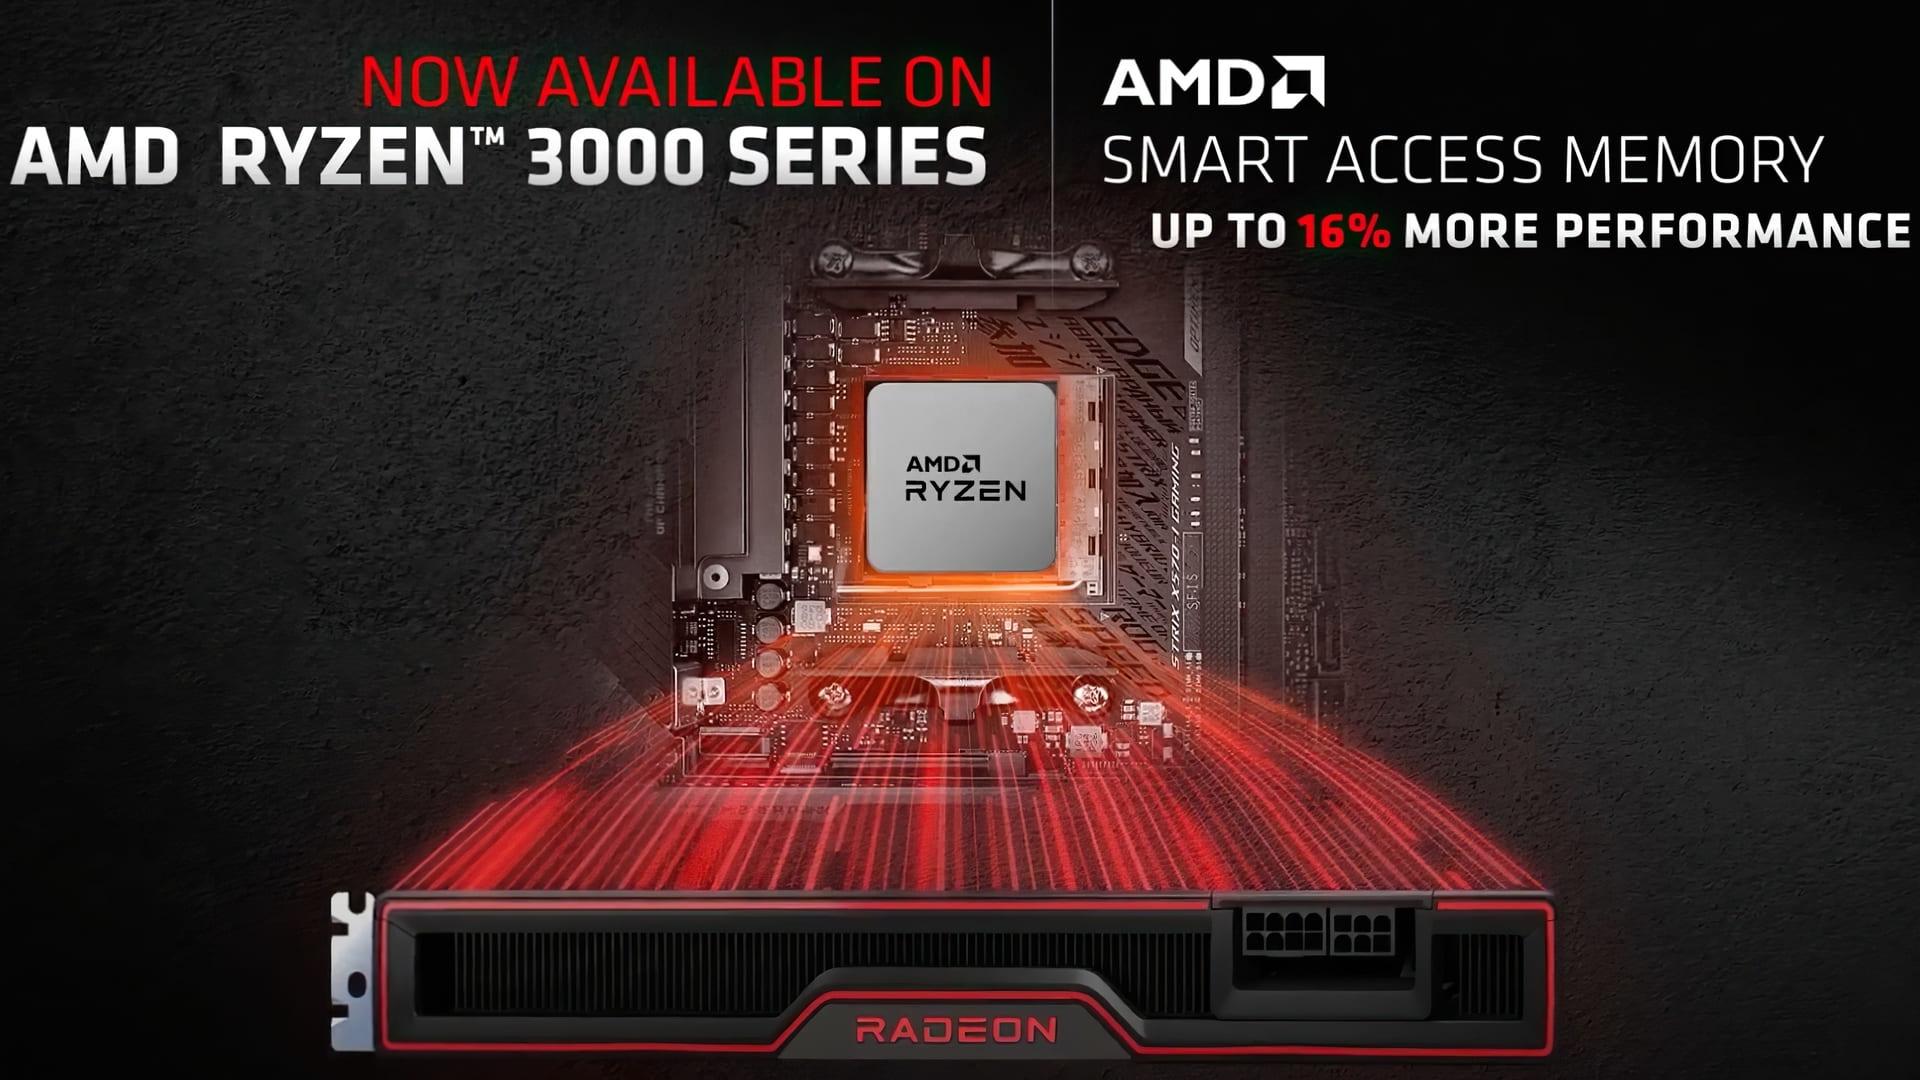 وأخيراً وبعد طول إنتظار ، شركة AMD ستقدم دعم SAM لمعالجات Ryzen 3000